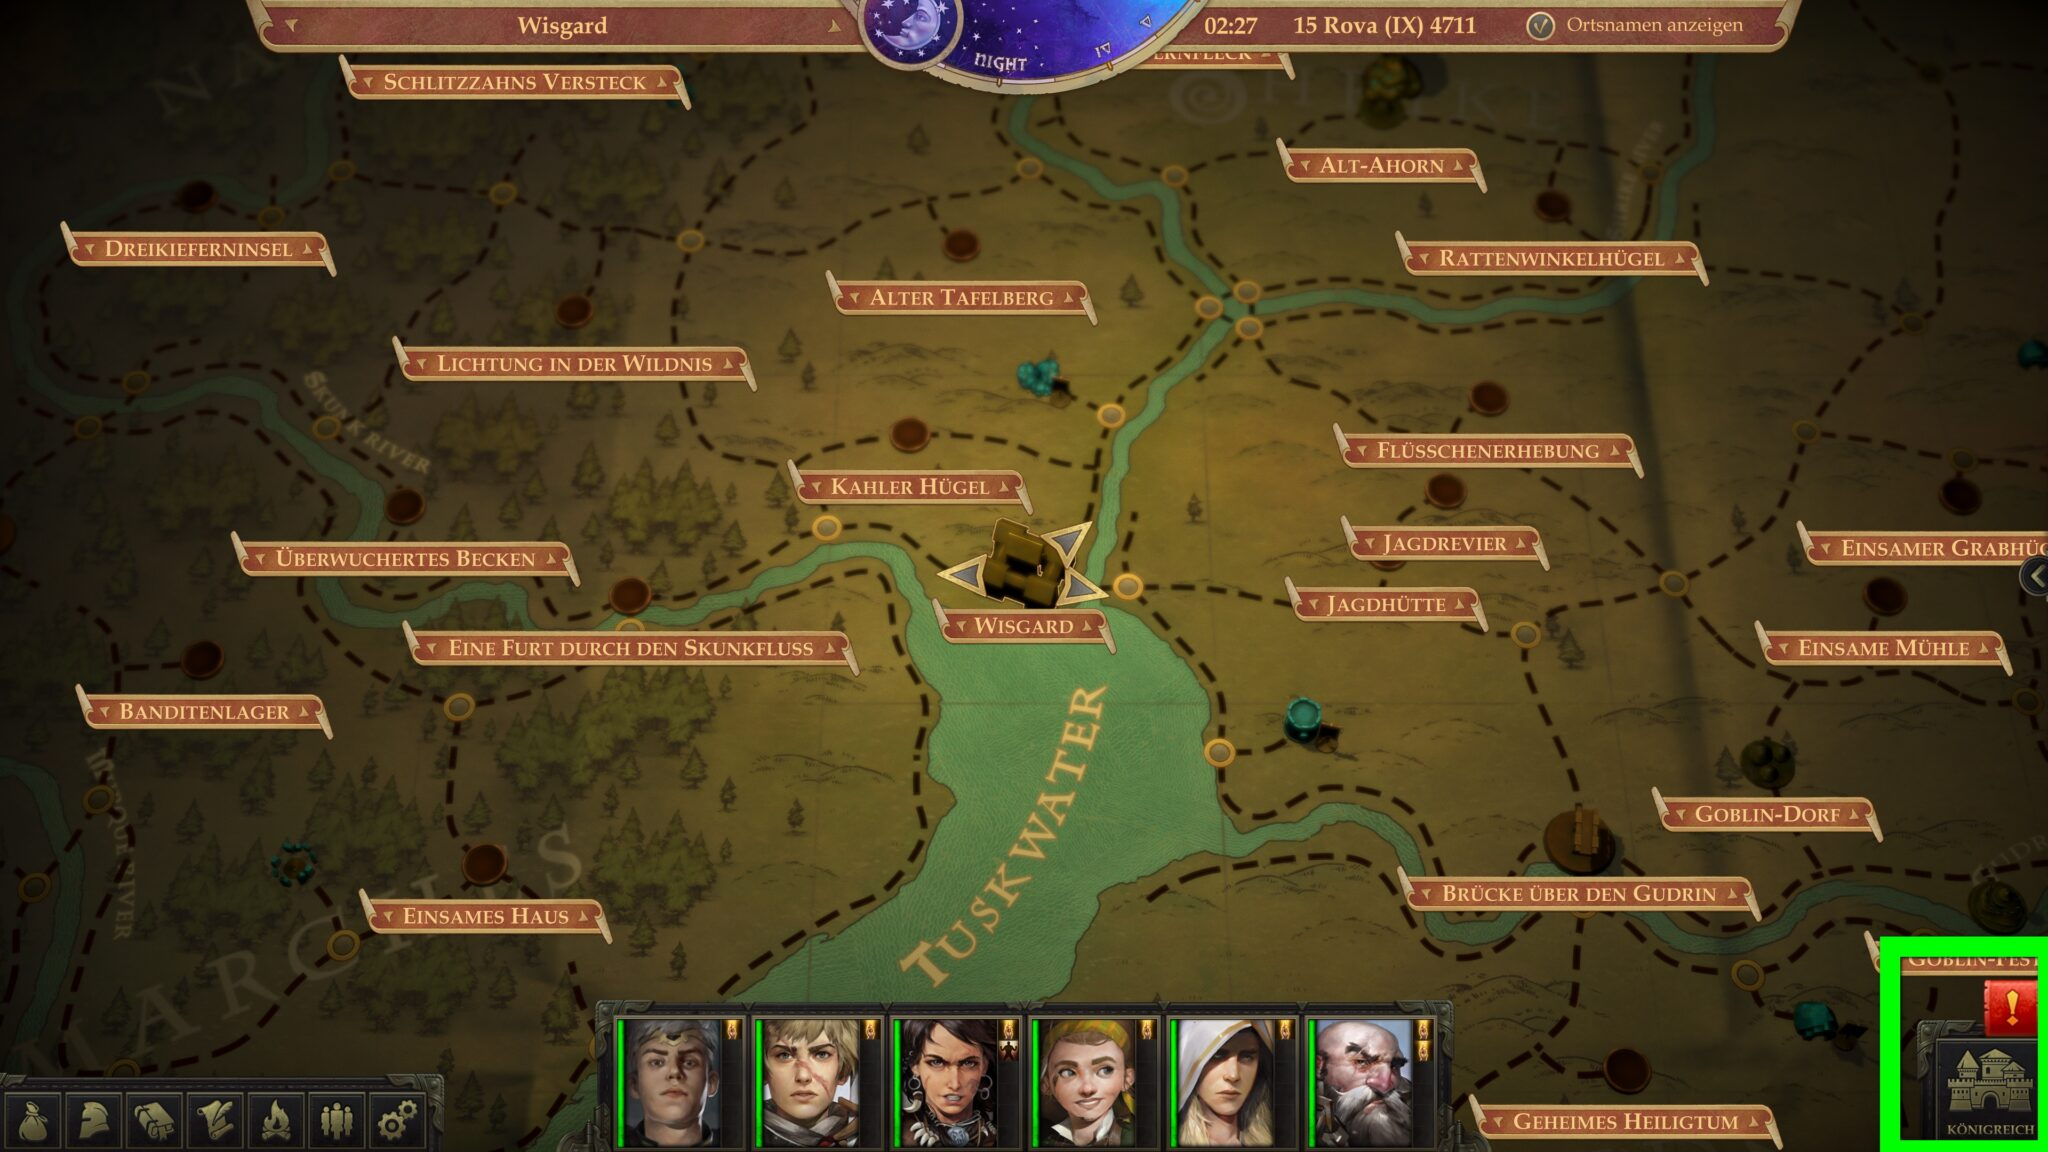 Der Königreich-Button auf der Weltkarte bringt uns zur Verwaltung der Baronie, das rote Ausrufezeichen zeigt uns an, wenn es neue Ereignisse gibt. © Owlcat Games